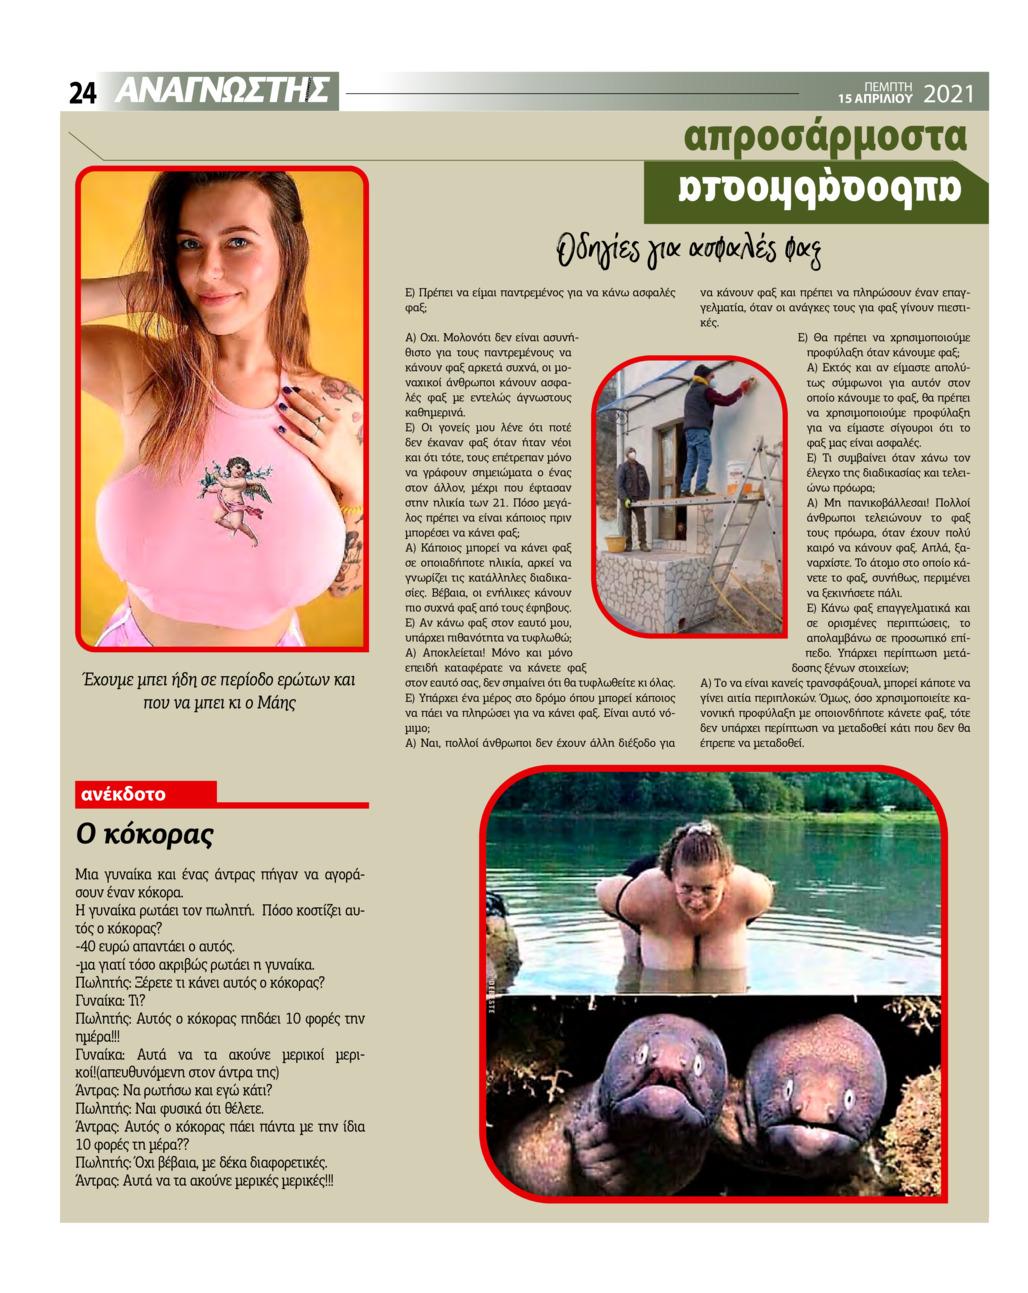 Οπισθόφυλλο εφημερίδας Αναγνώστης Πελ/σου